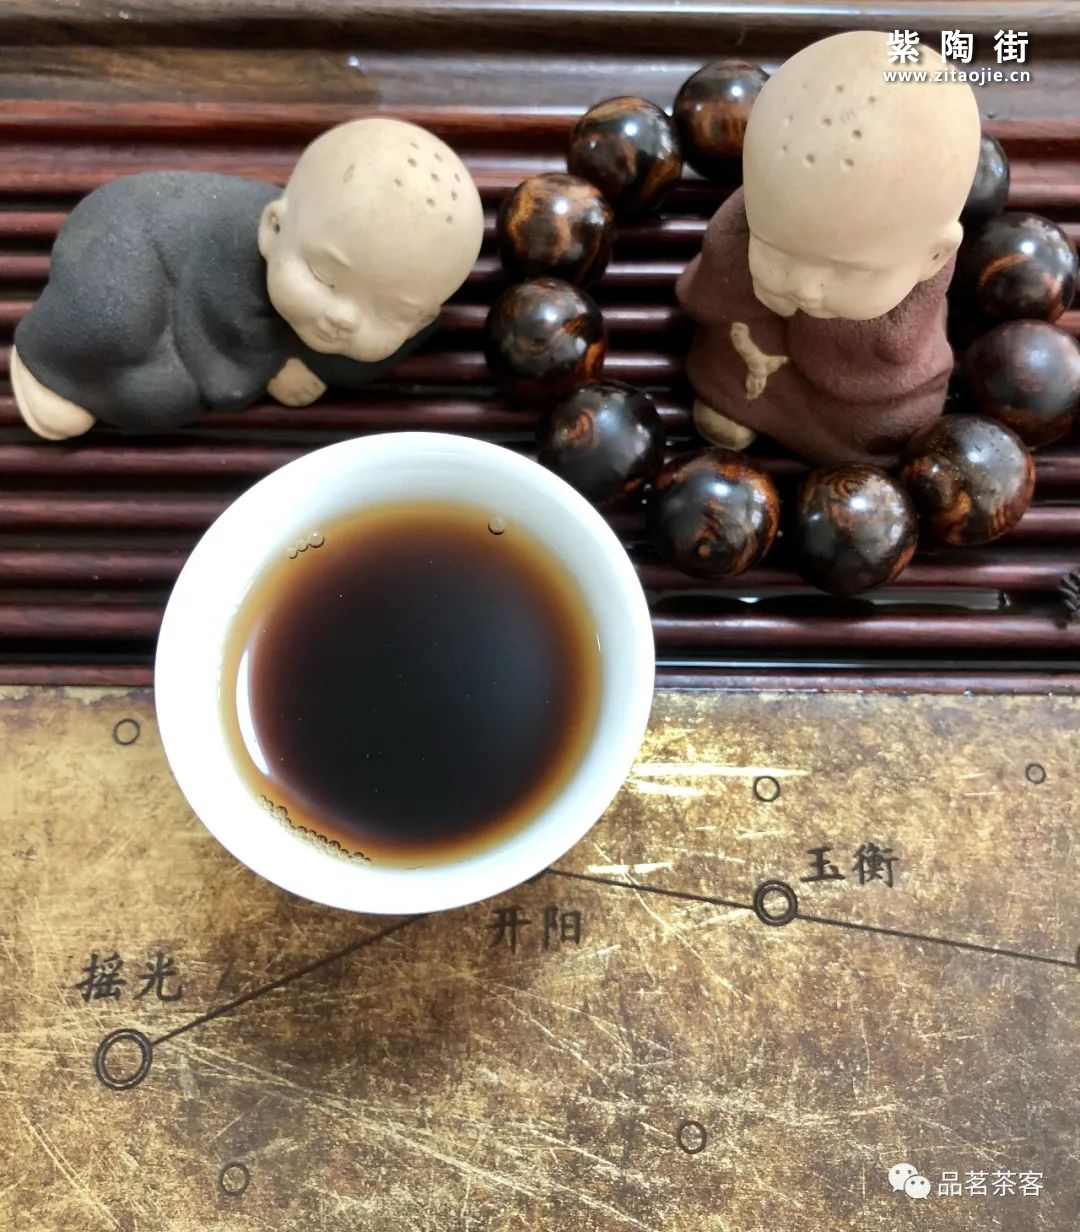 福建茶到底是衰落还是崛起?插图6